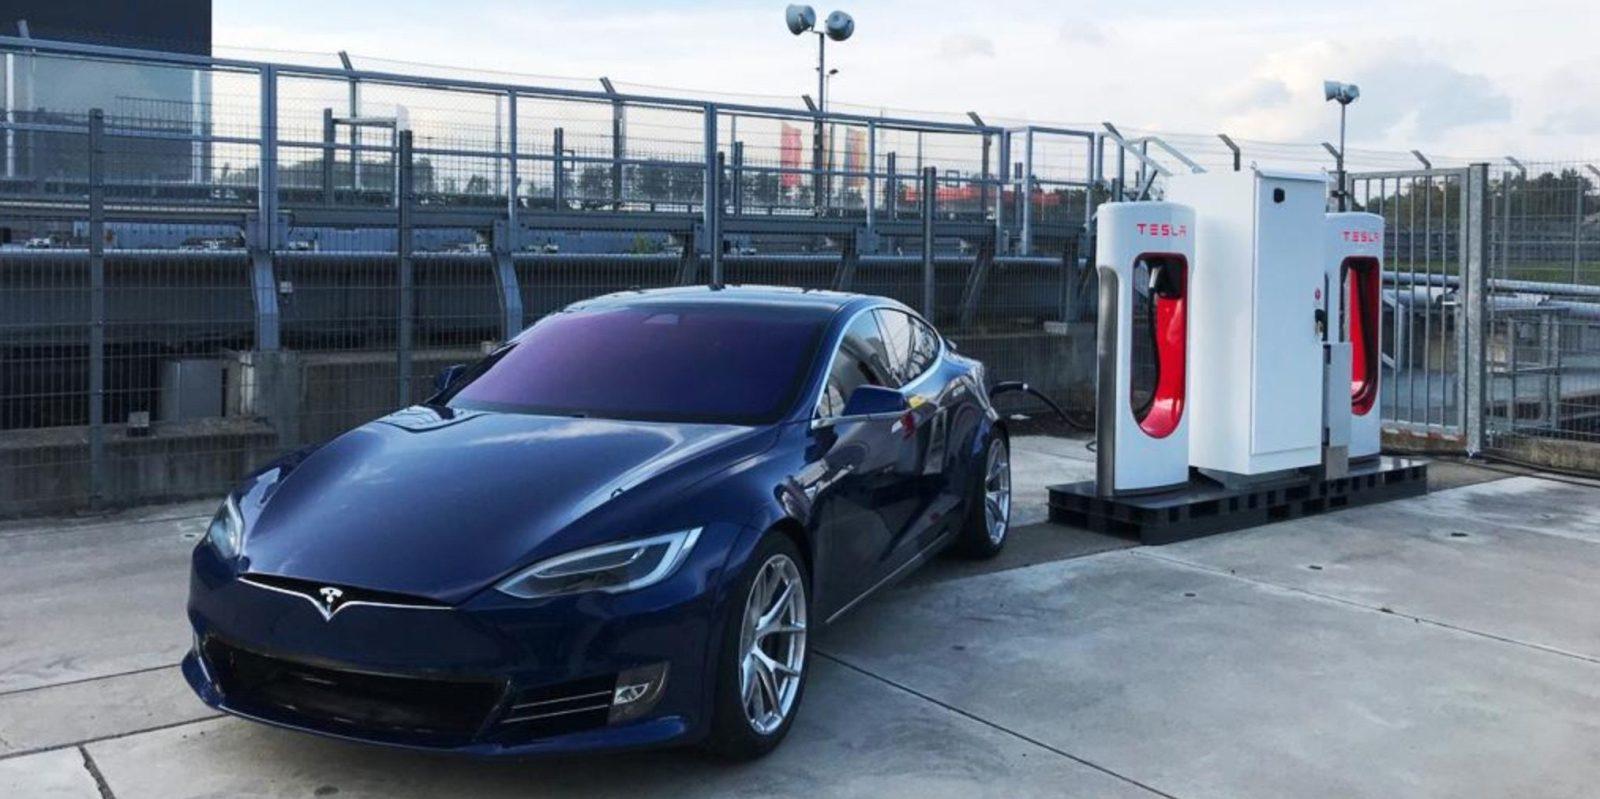 Tesla installs a Supercharger station at Nürburgring